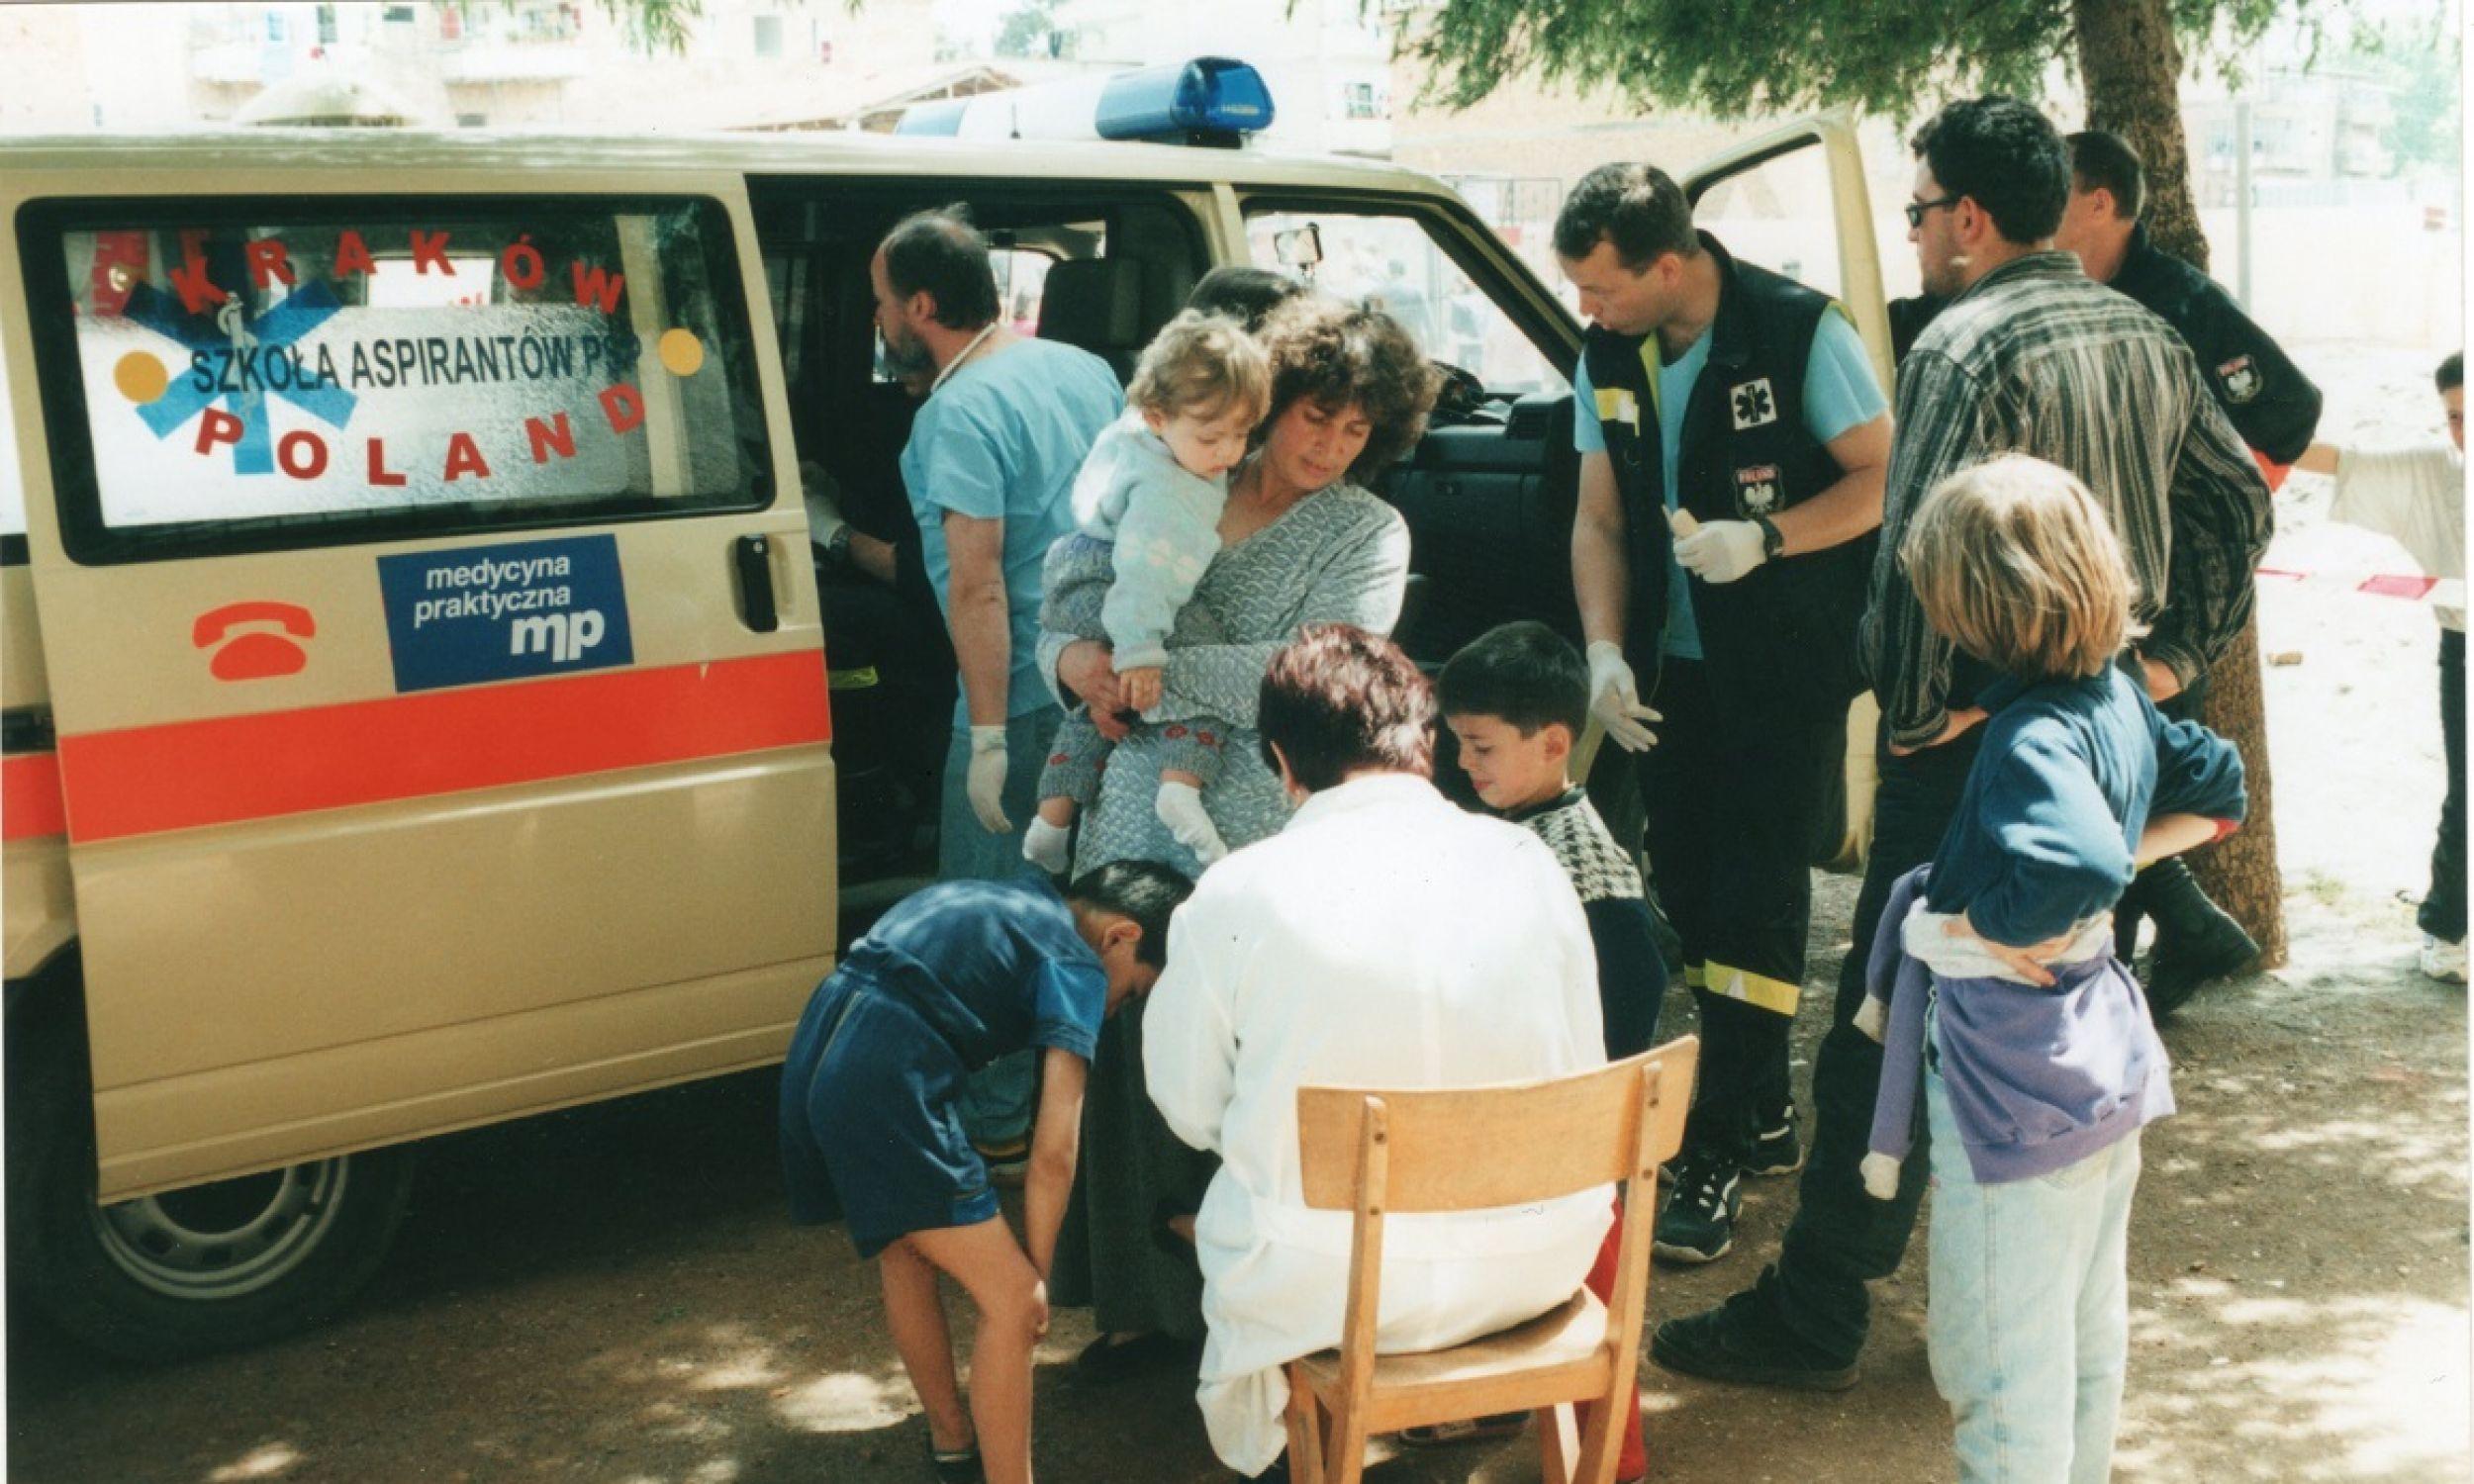 Małopolska Grupa Poszukiwawczo-Ratownicza (MGPR) z Nowego Sącza powstała 1998 roku, a pierwszy mój wyjazd był już w 1999 roku na Bałkany, gdzie toczyła się wojna domowa w Kosowie.. Fot. zbiór prywatny Krzysztofa Grucy